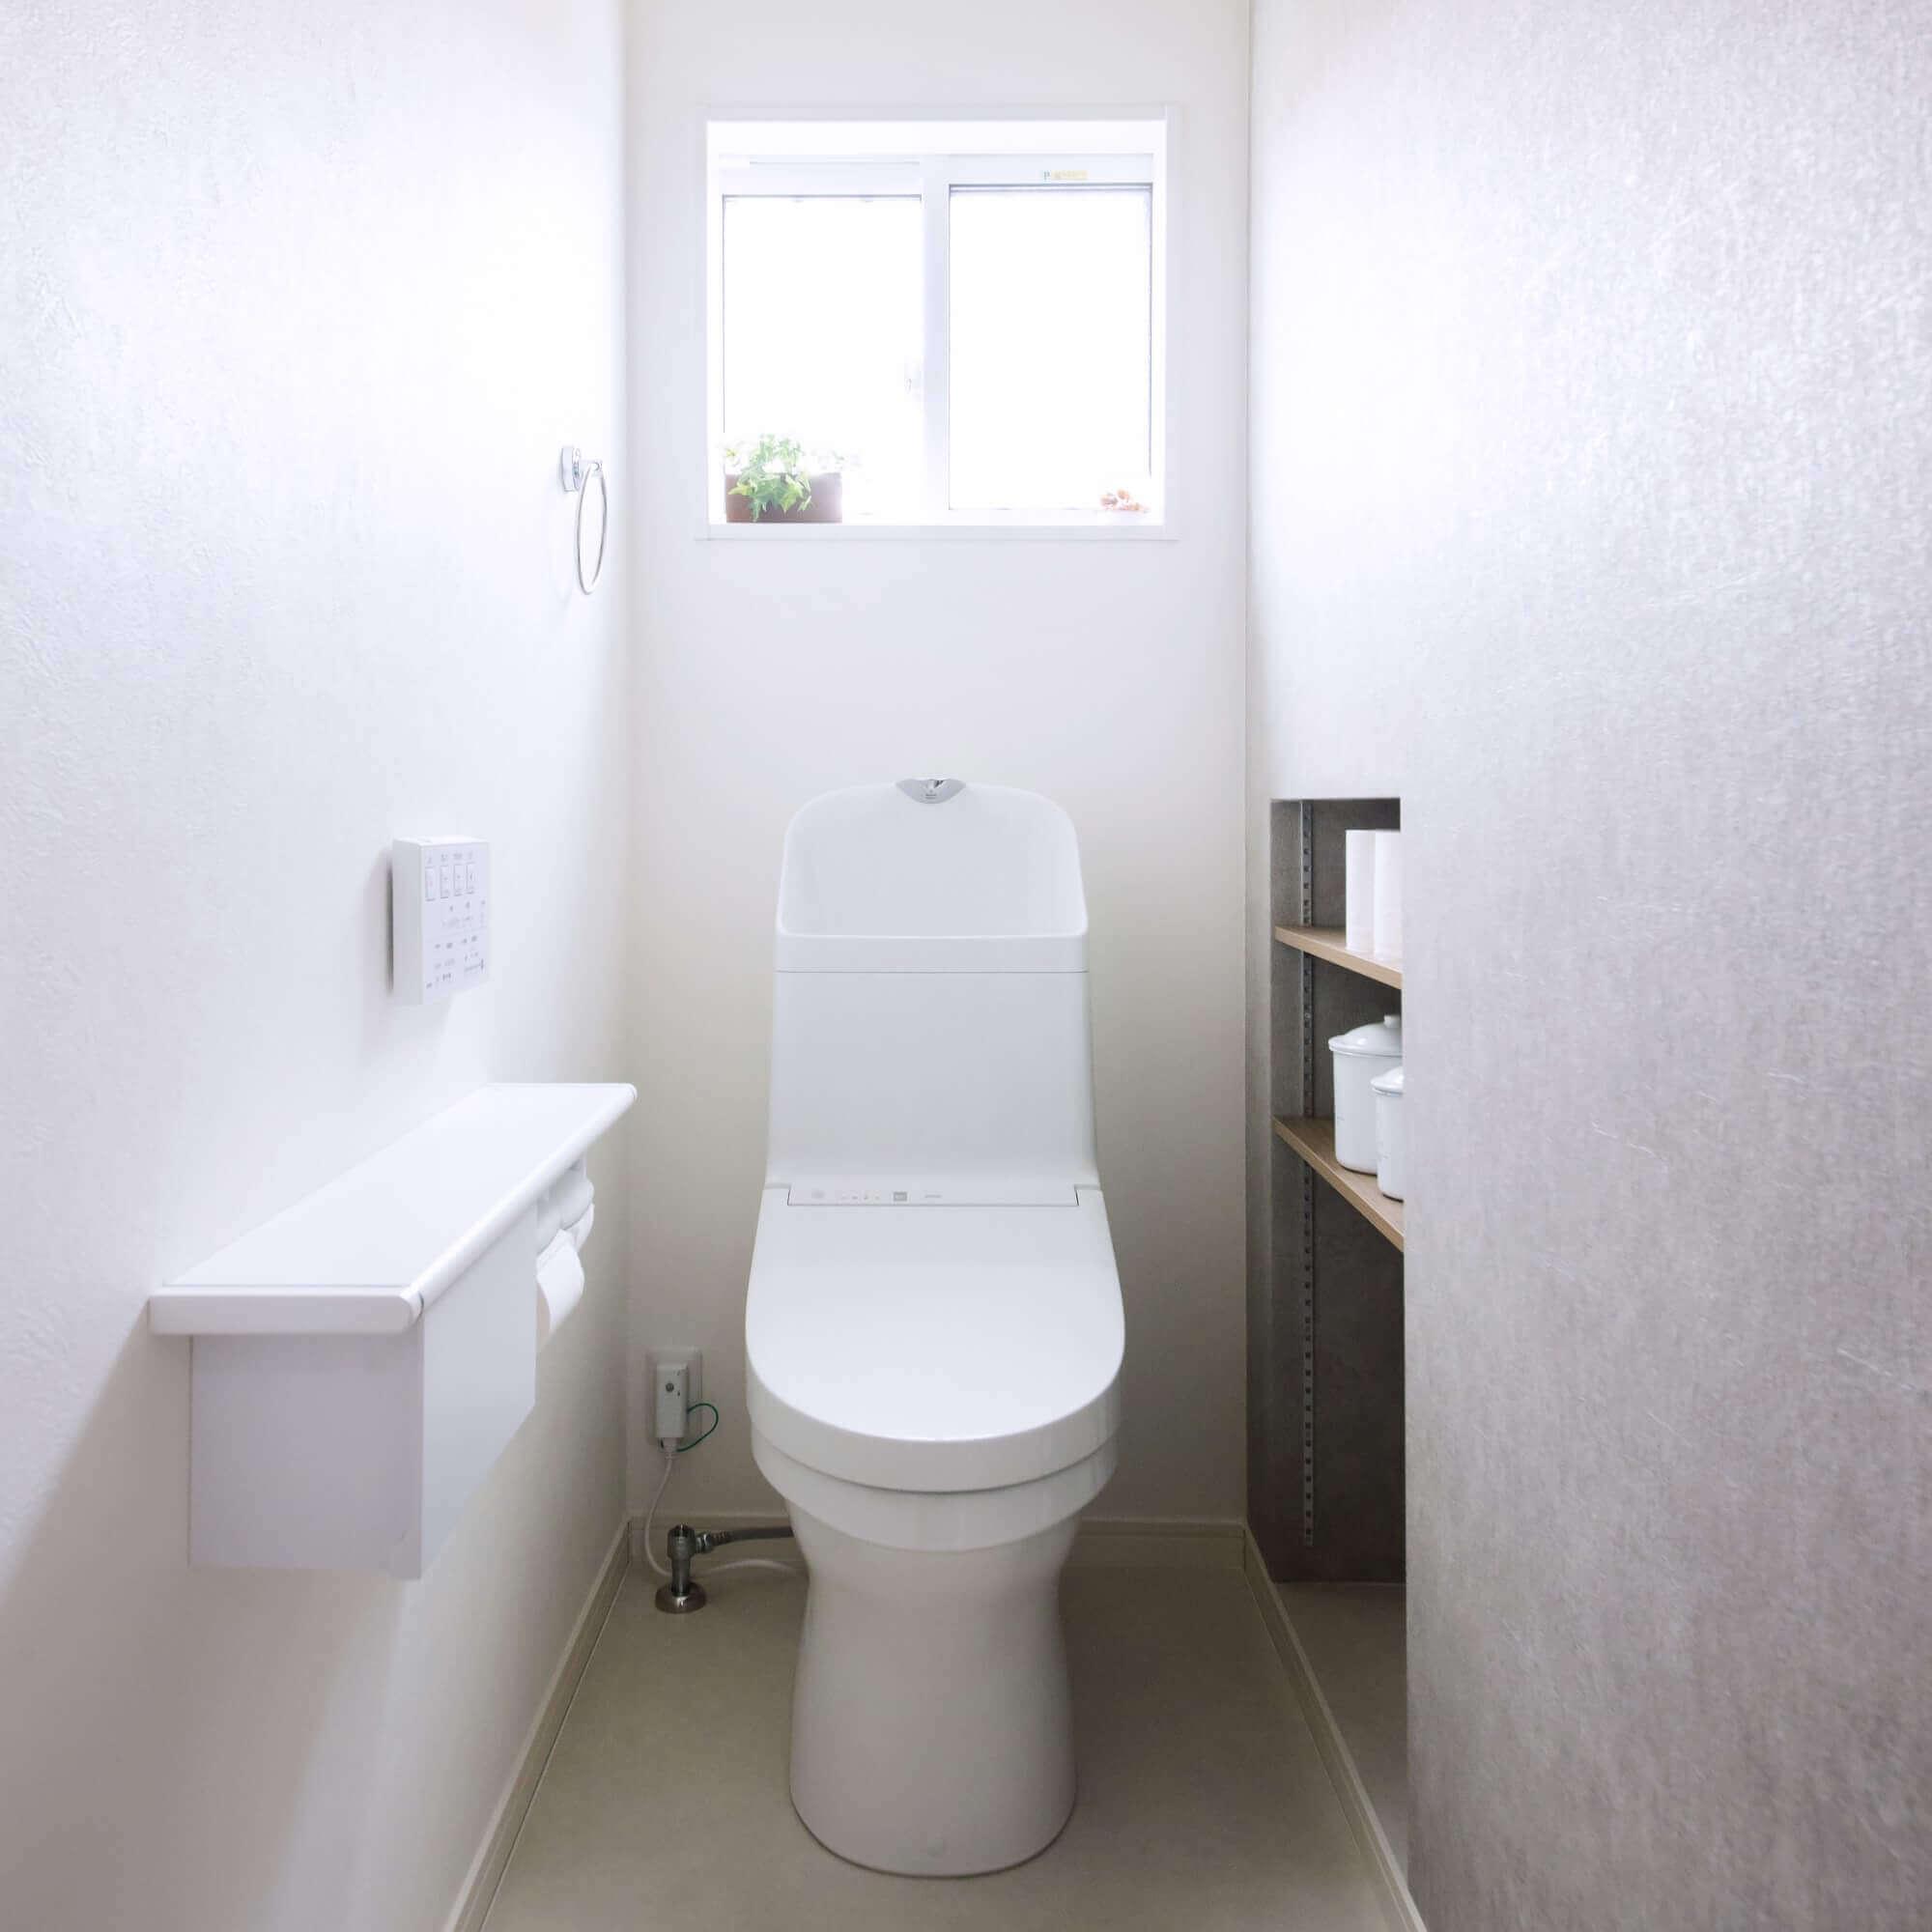 矢板市の注文住宅事例 トイレ